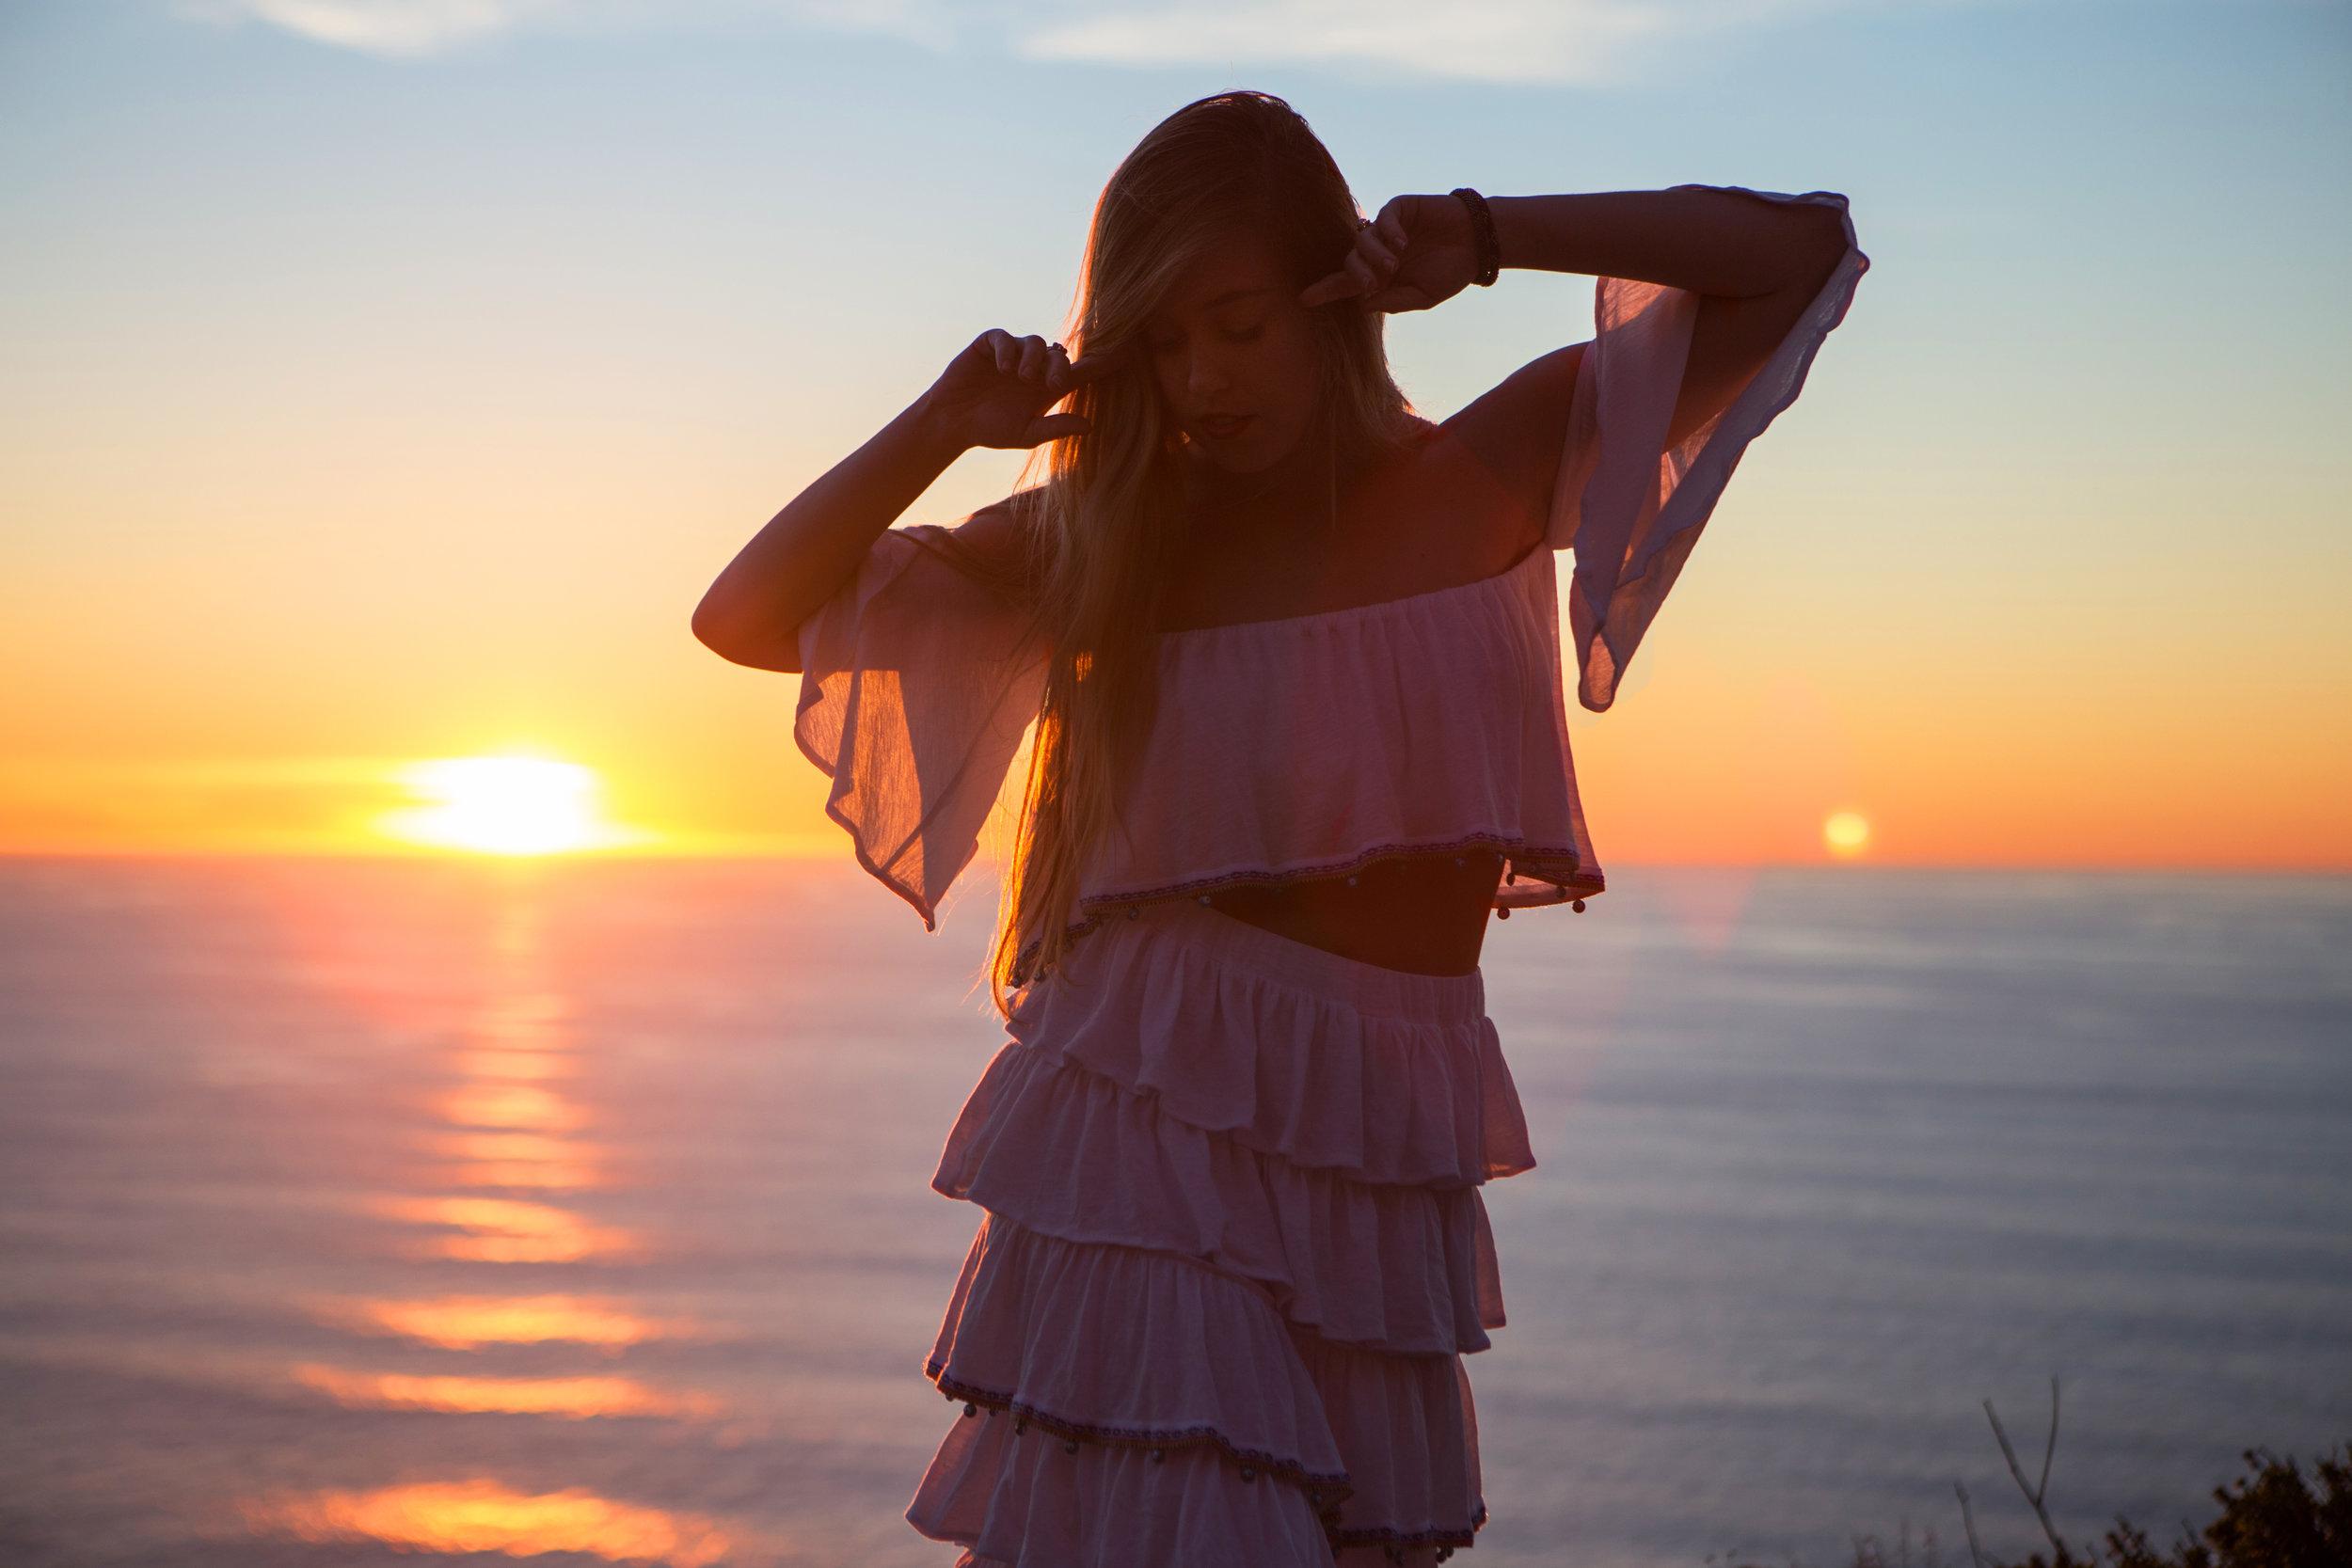 JordanRose_AstroBandit_Pitusa_BigSur_Sunset_WhiteRuffles_4.jpg